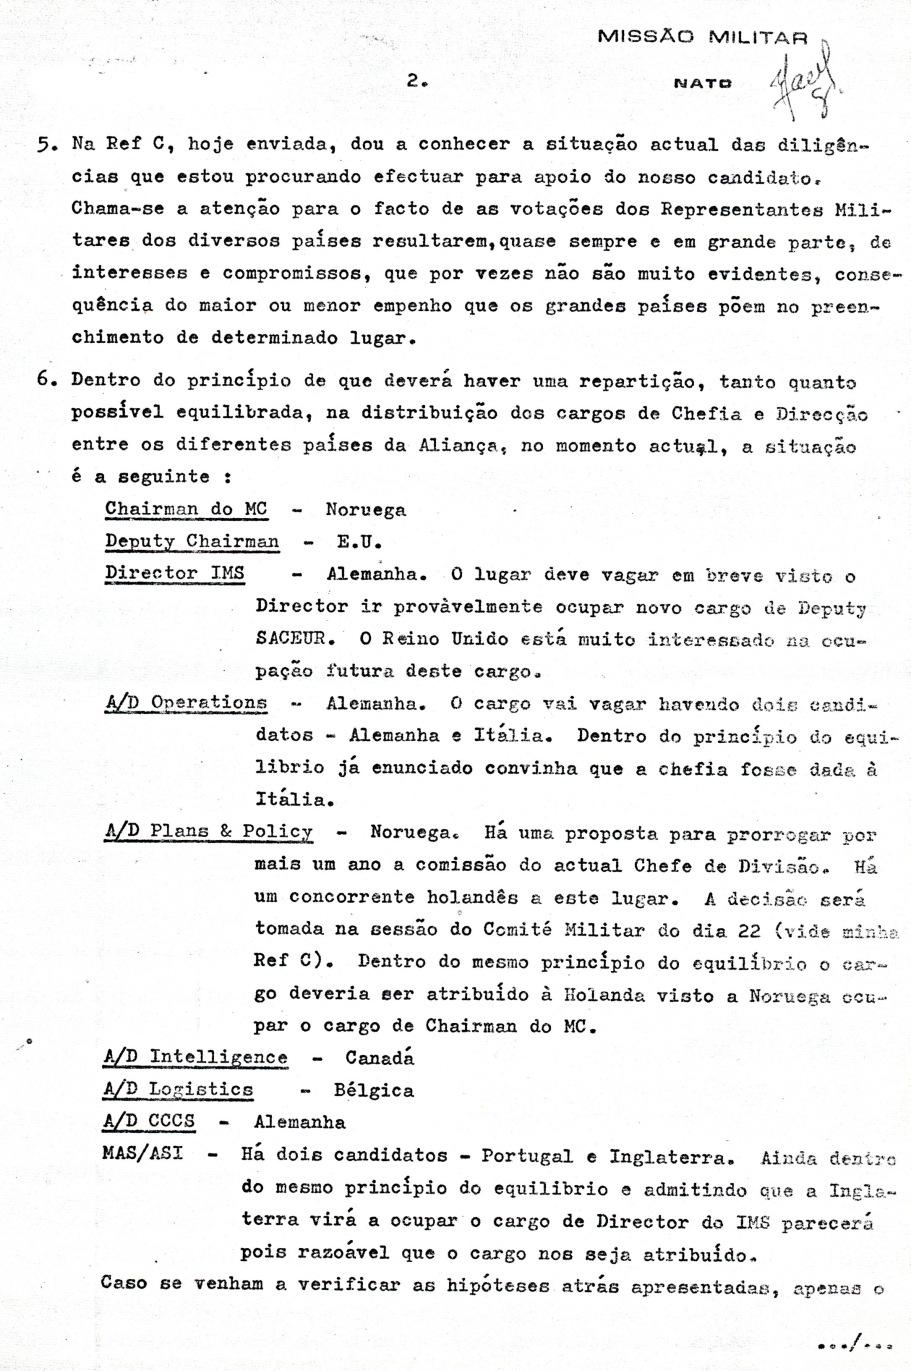 00864 977-09-15 CARGO na NATO - considerações de MILREP PO quanto à candidatura do Alm Nunes da Silva-pg 2